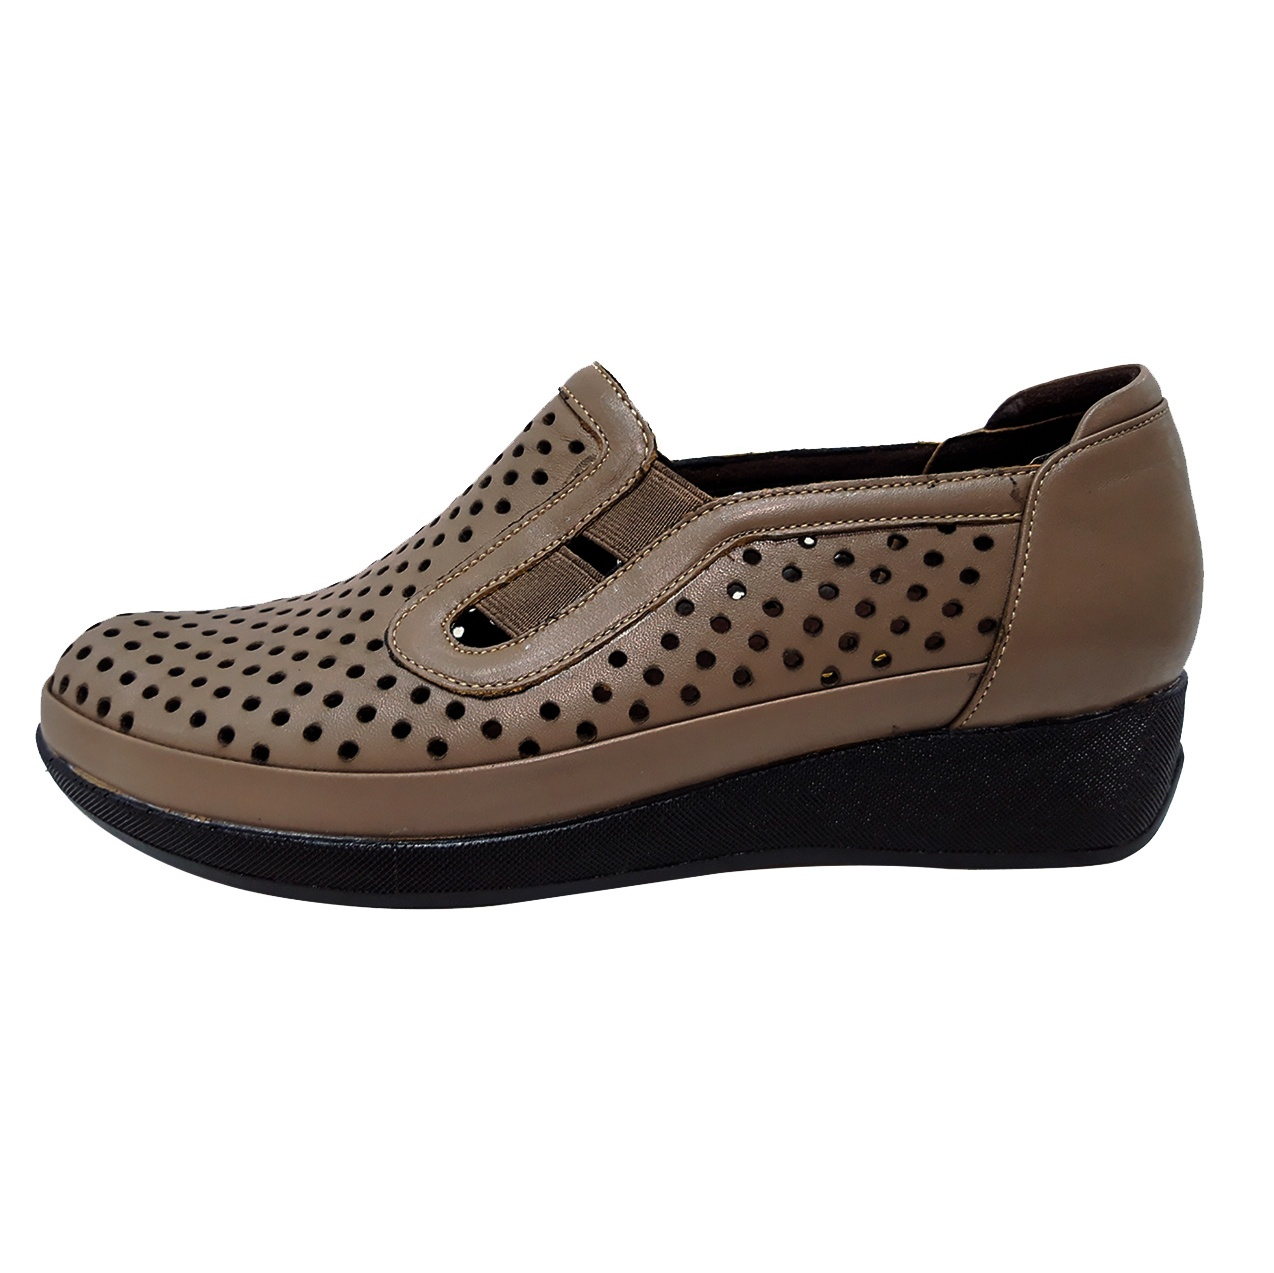 خرید                      کفش زنانه روشن مدل 2022 کد 04